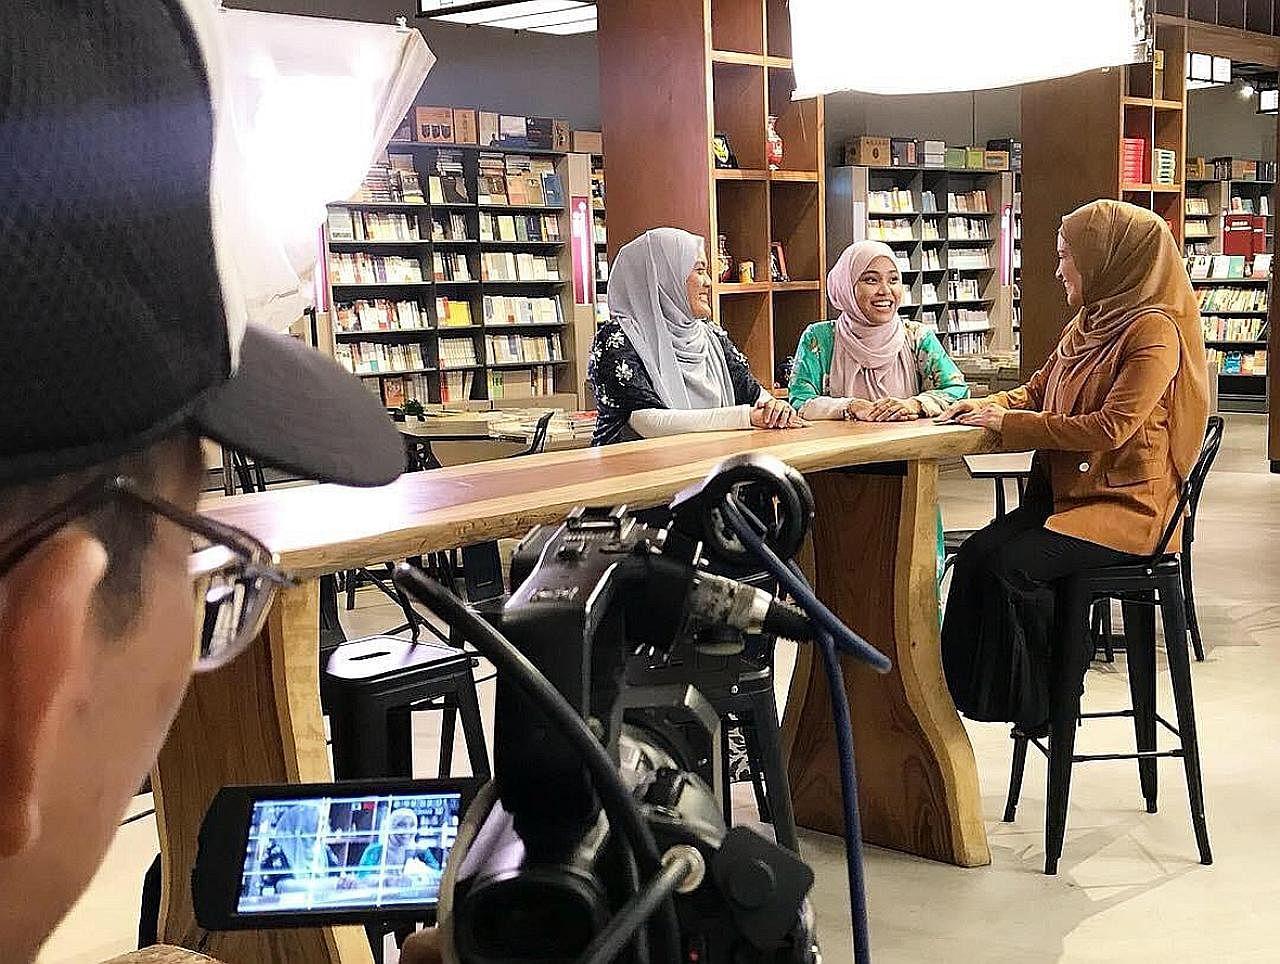 Asatizah S'pura diundang dalam program 'Astro Naura' di M'sia